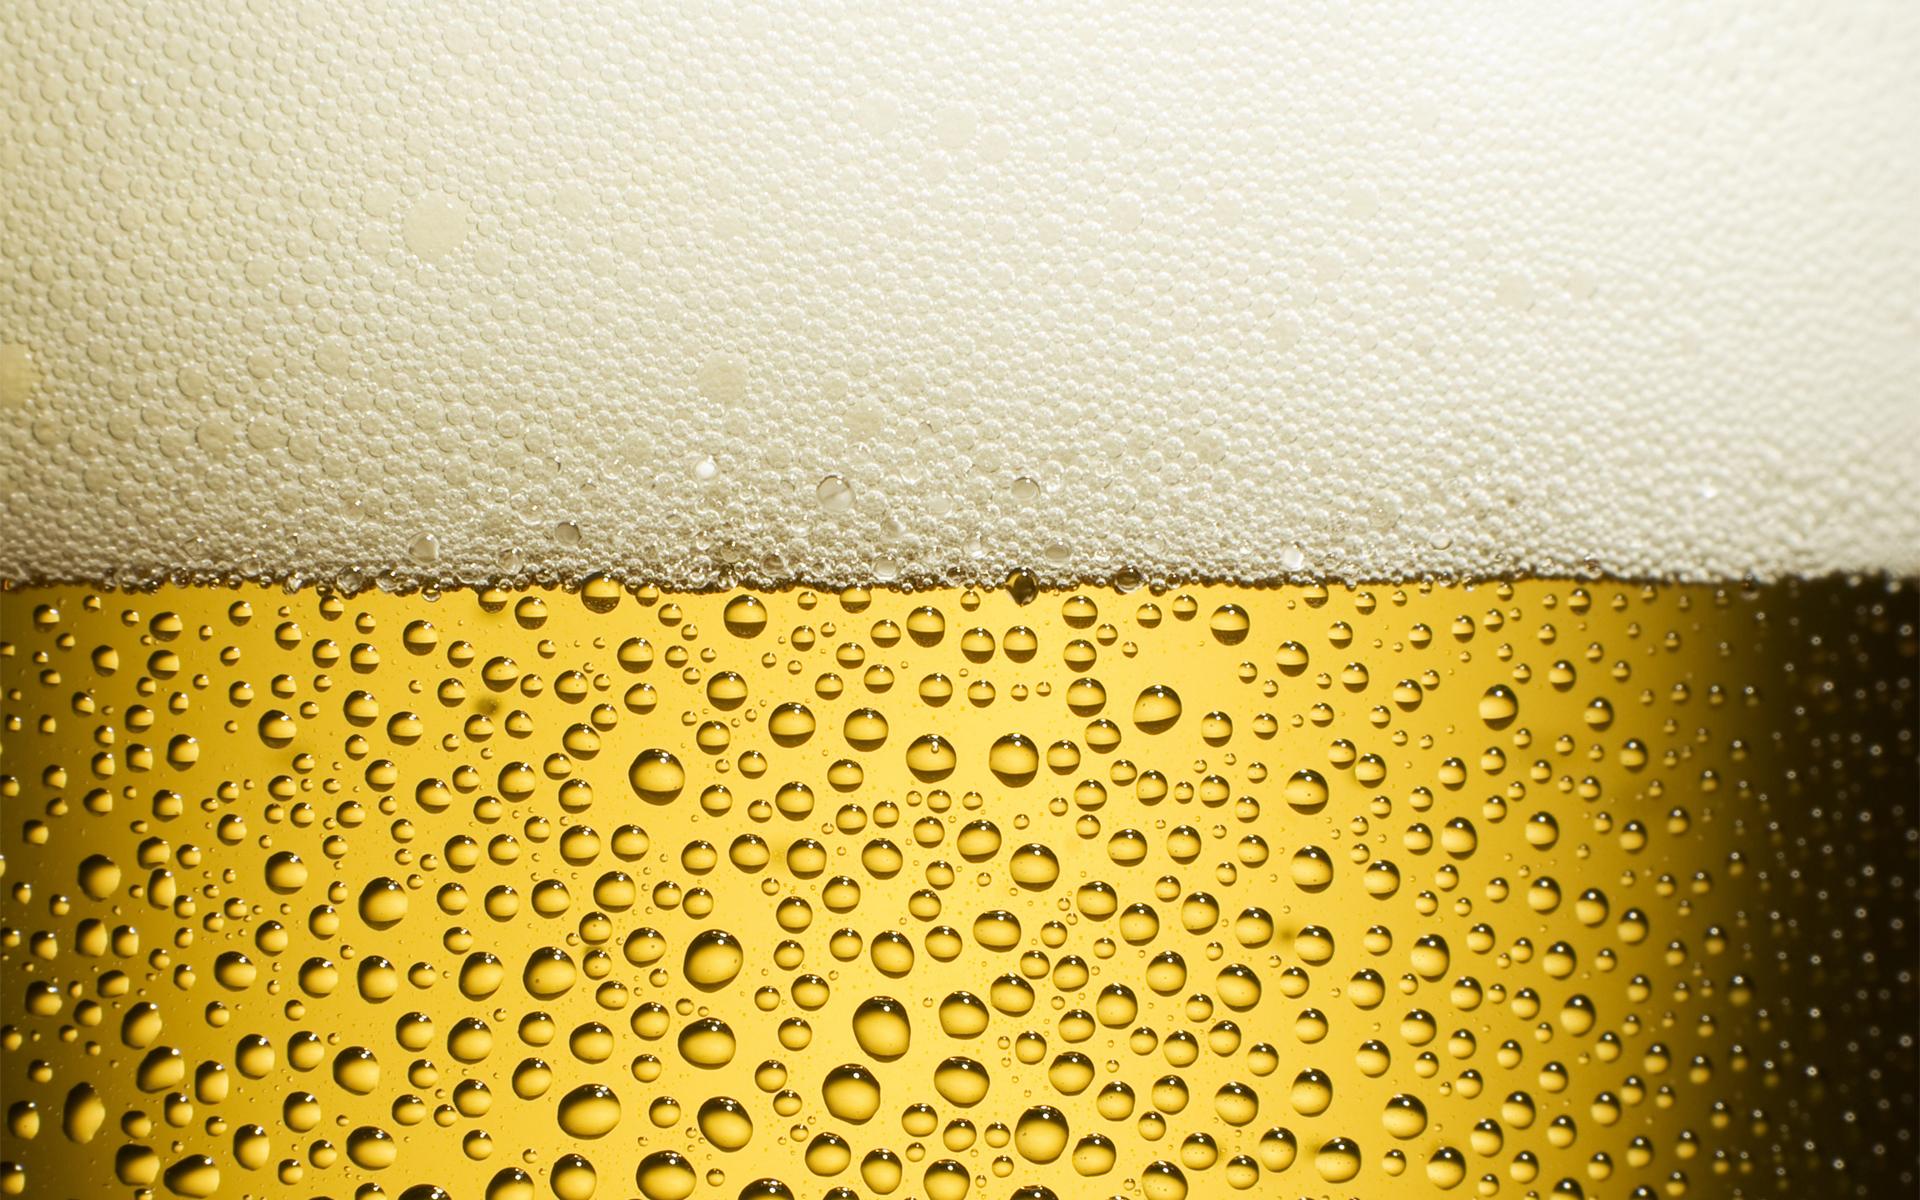 http://1.bp.blogspot.com/-iESRnwbYbHE/TjXM-KhRGQI/AAAAAAAABt4/uTZZbC4PmBQ/d/cerveza.jpg